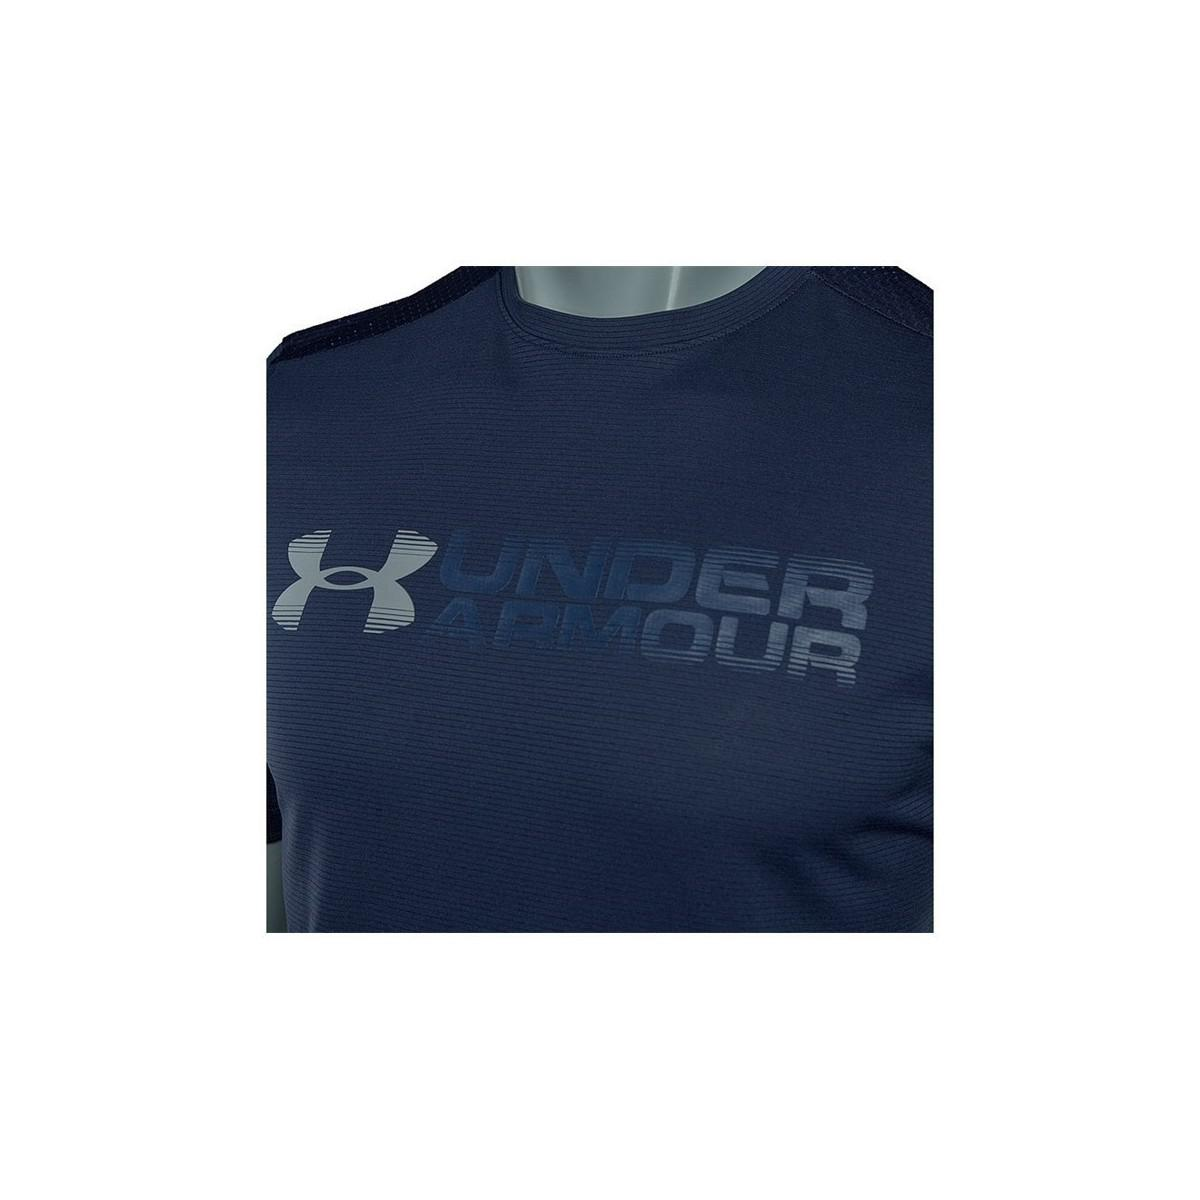 bdf9604bd8a Under Armour Ua Raid Mocrothread Graphic Ss Tee Men s T Shirt In ...